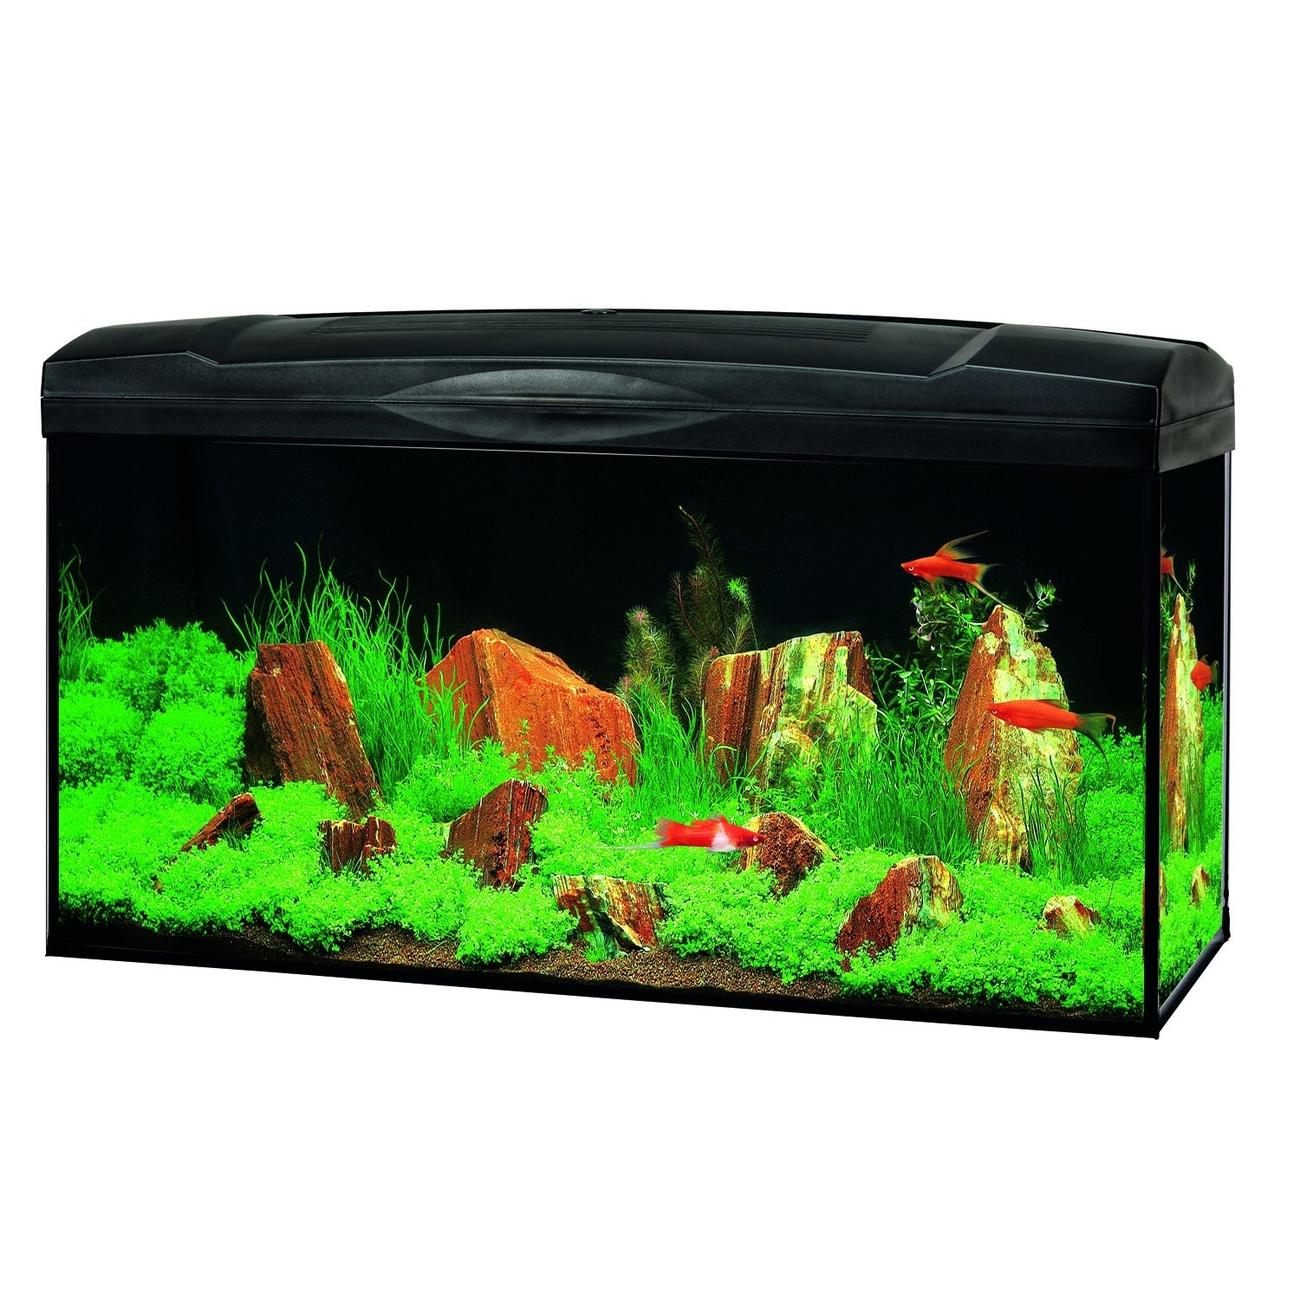 Hagen Marina Basic 96 Glasaquarium-Set, schwarz, Leuchtstoffröhre - 80x30x40 cm